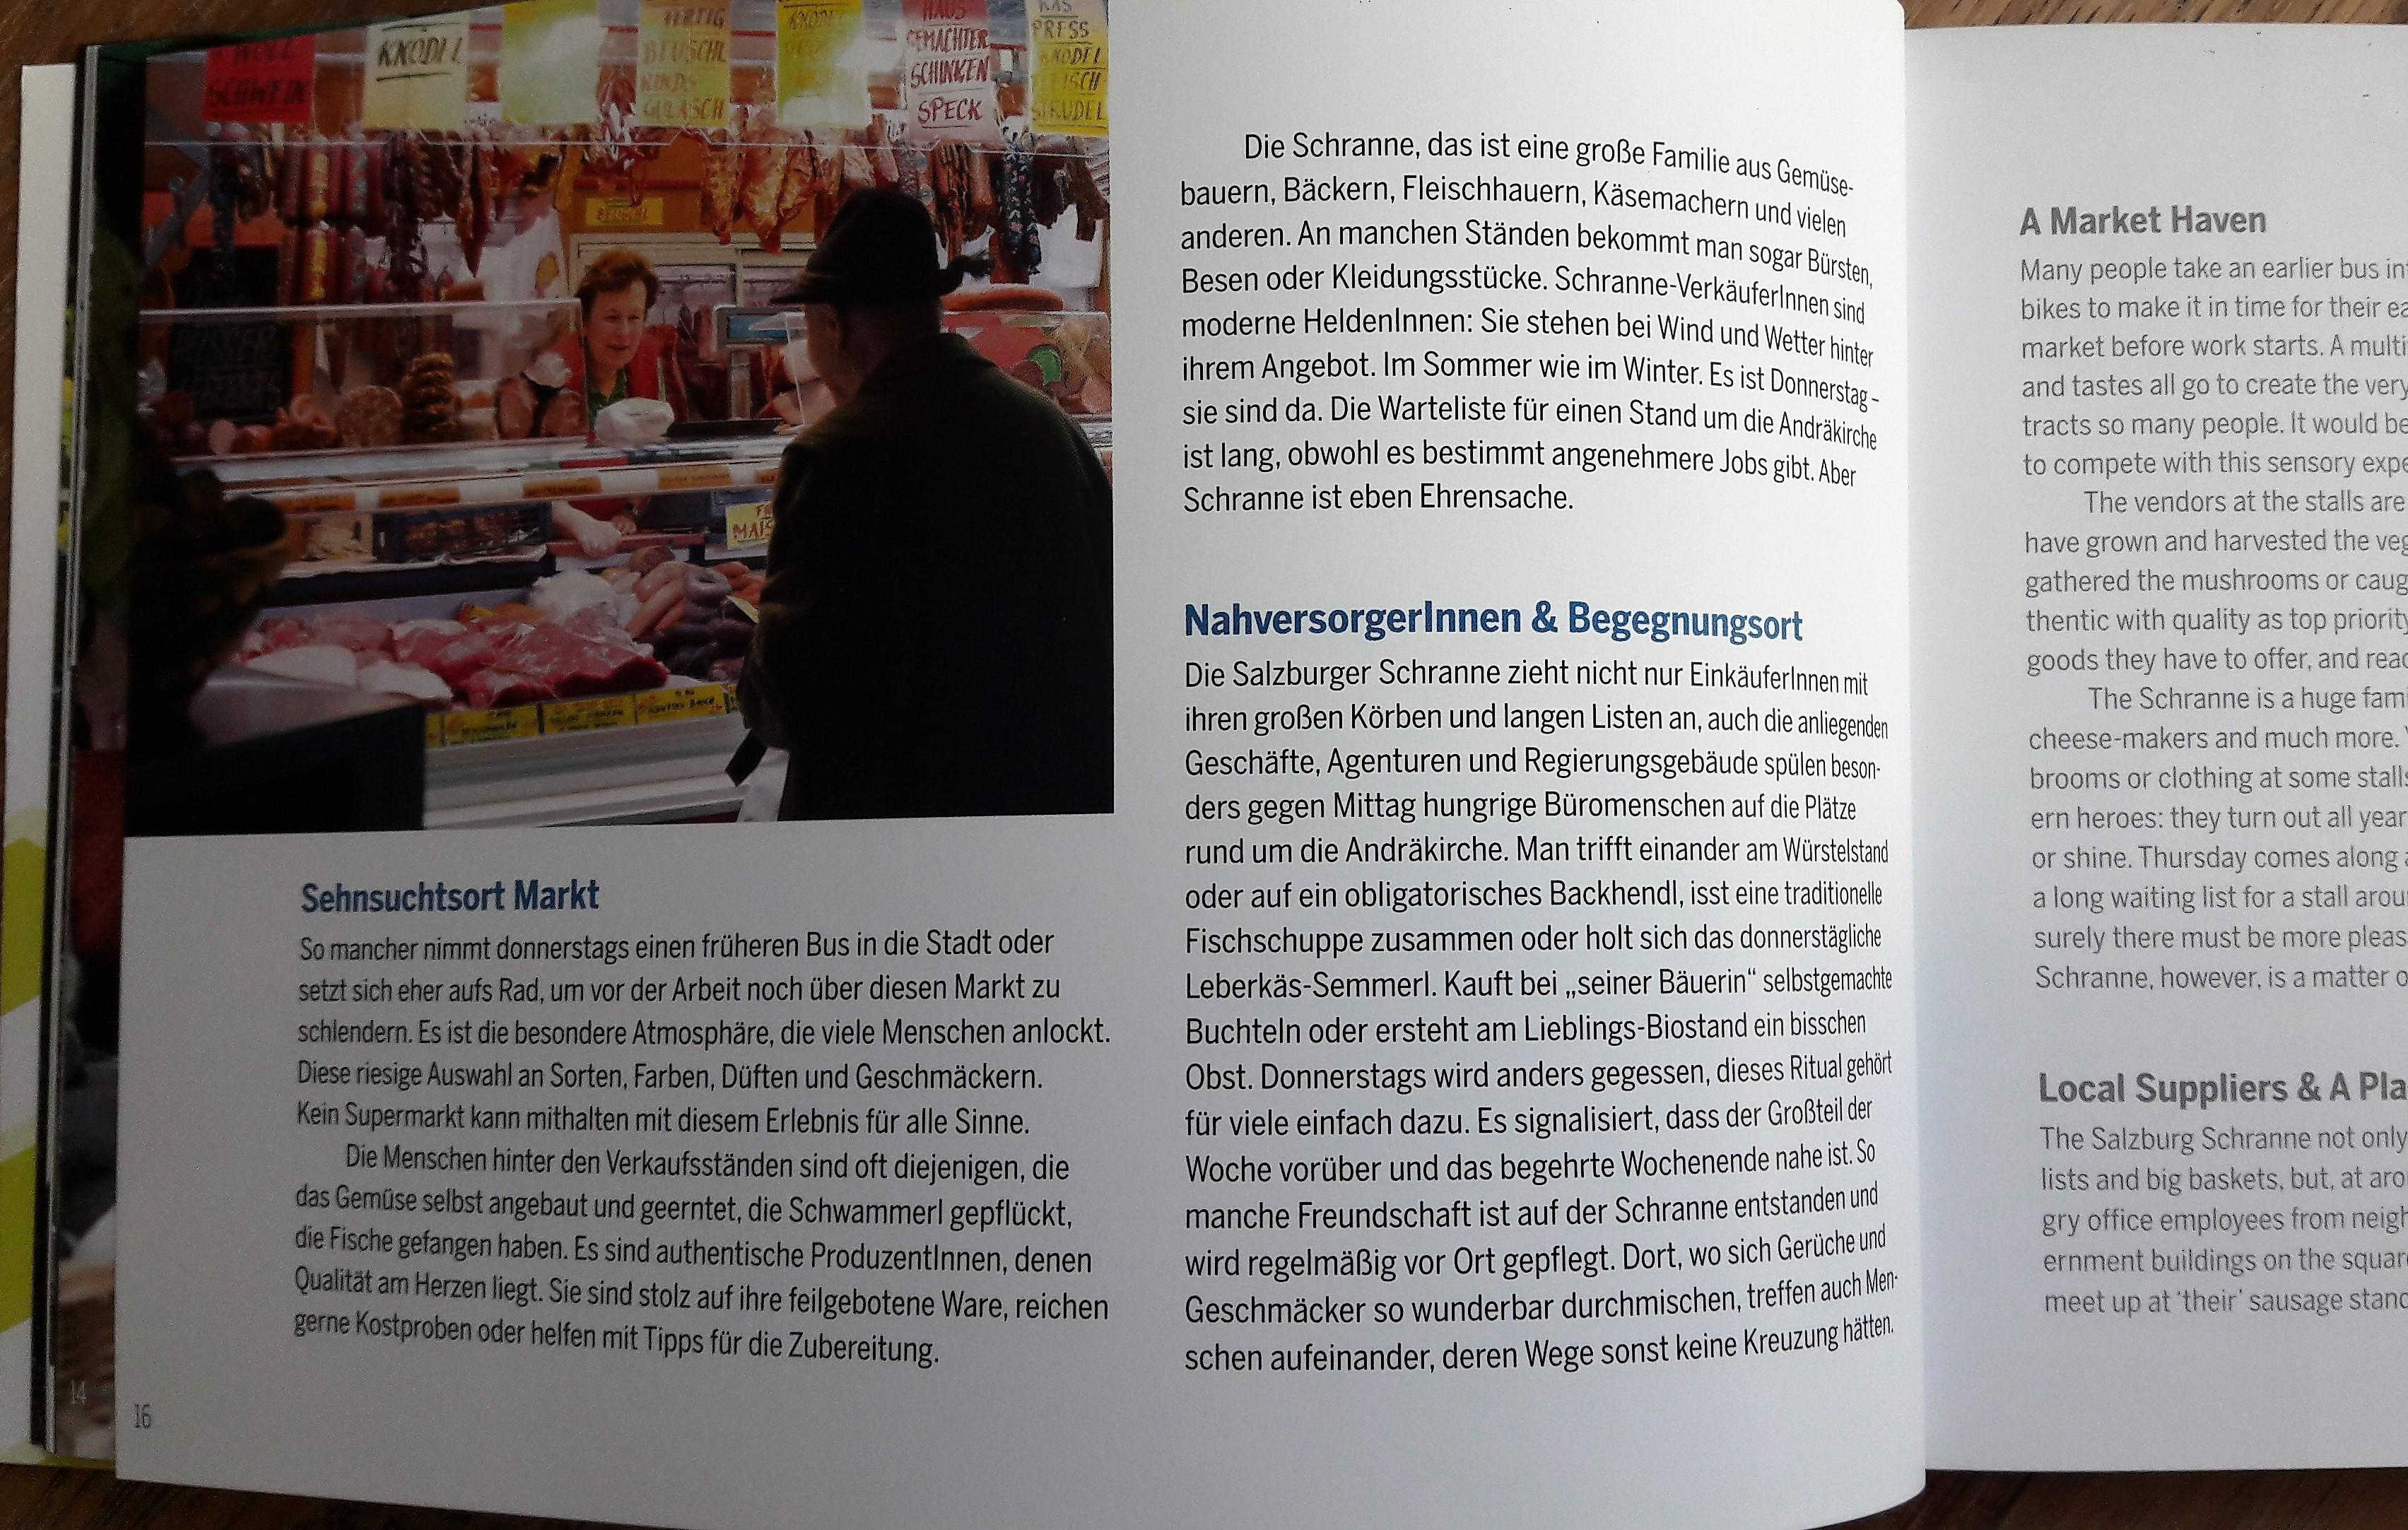 Schranne_forum andräviertel 2014_m kaltenstein_S1a